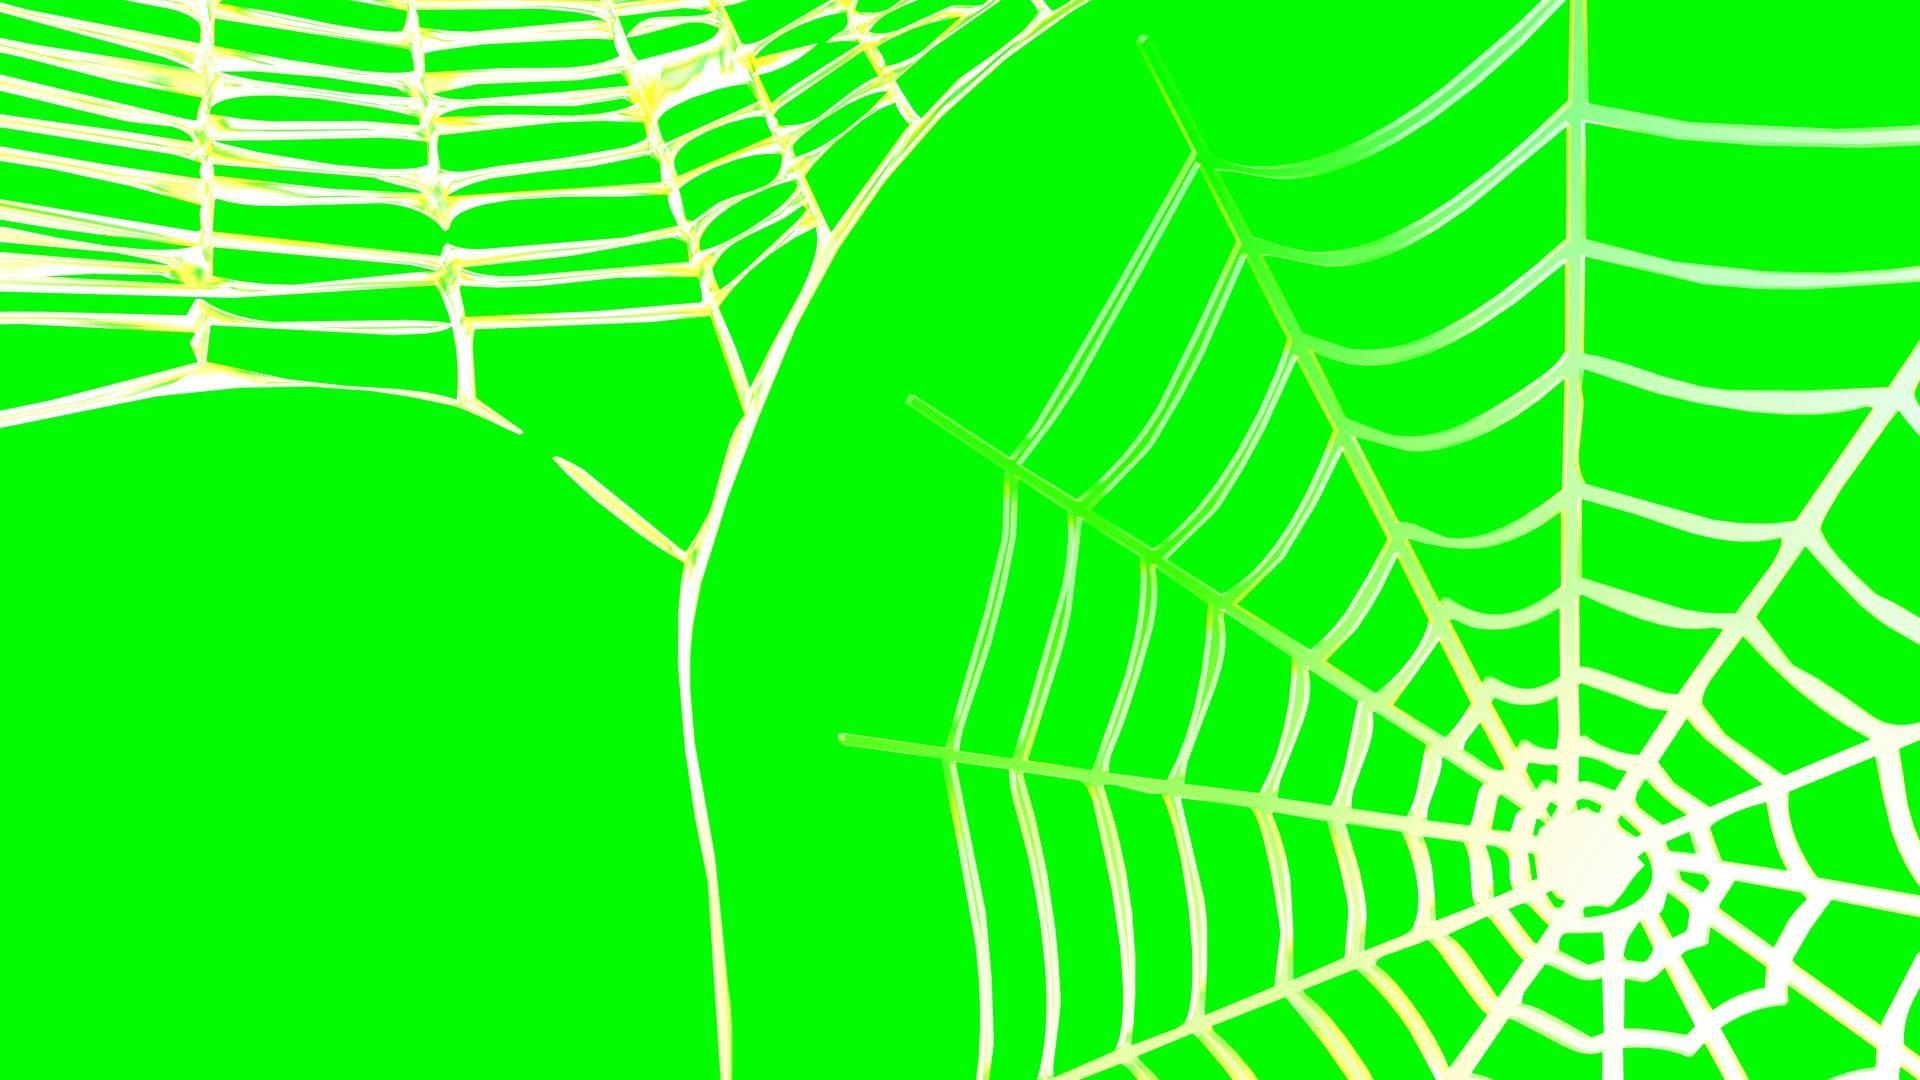 4K Spider Web Rotating Background Animation